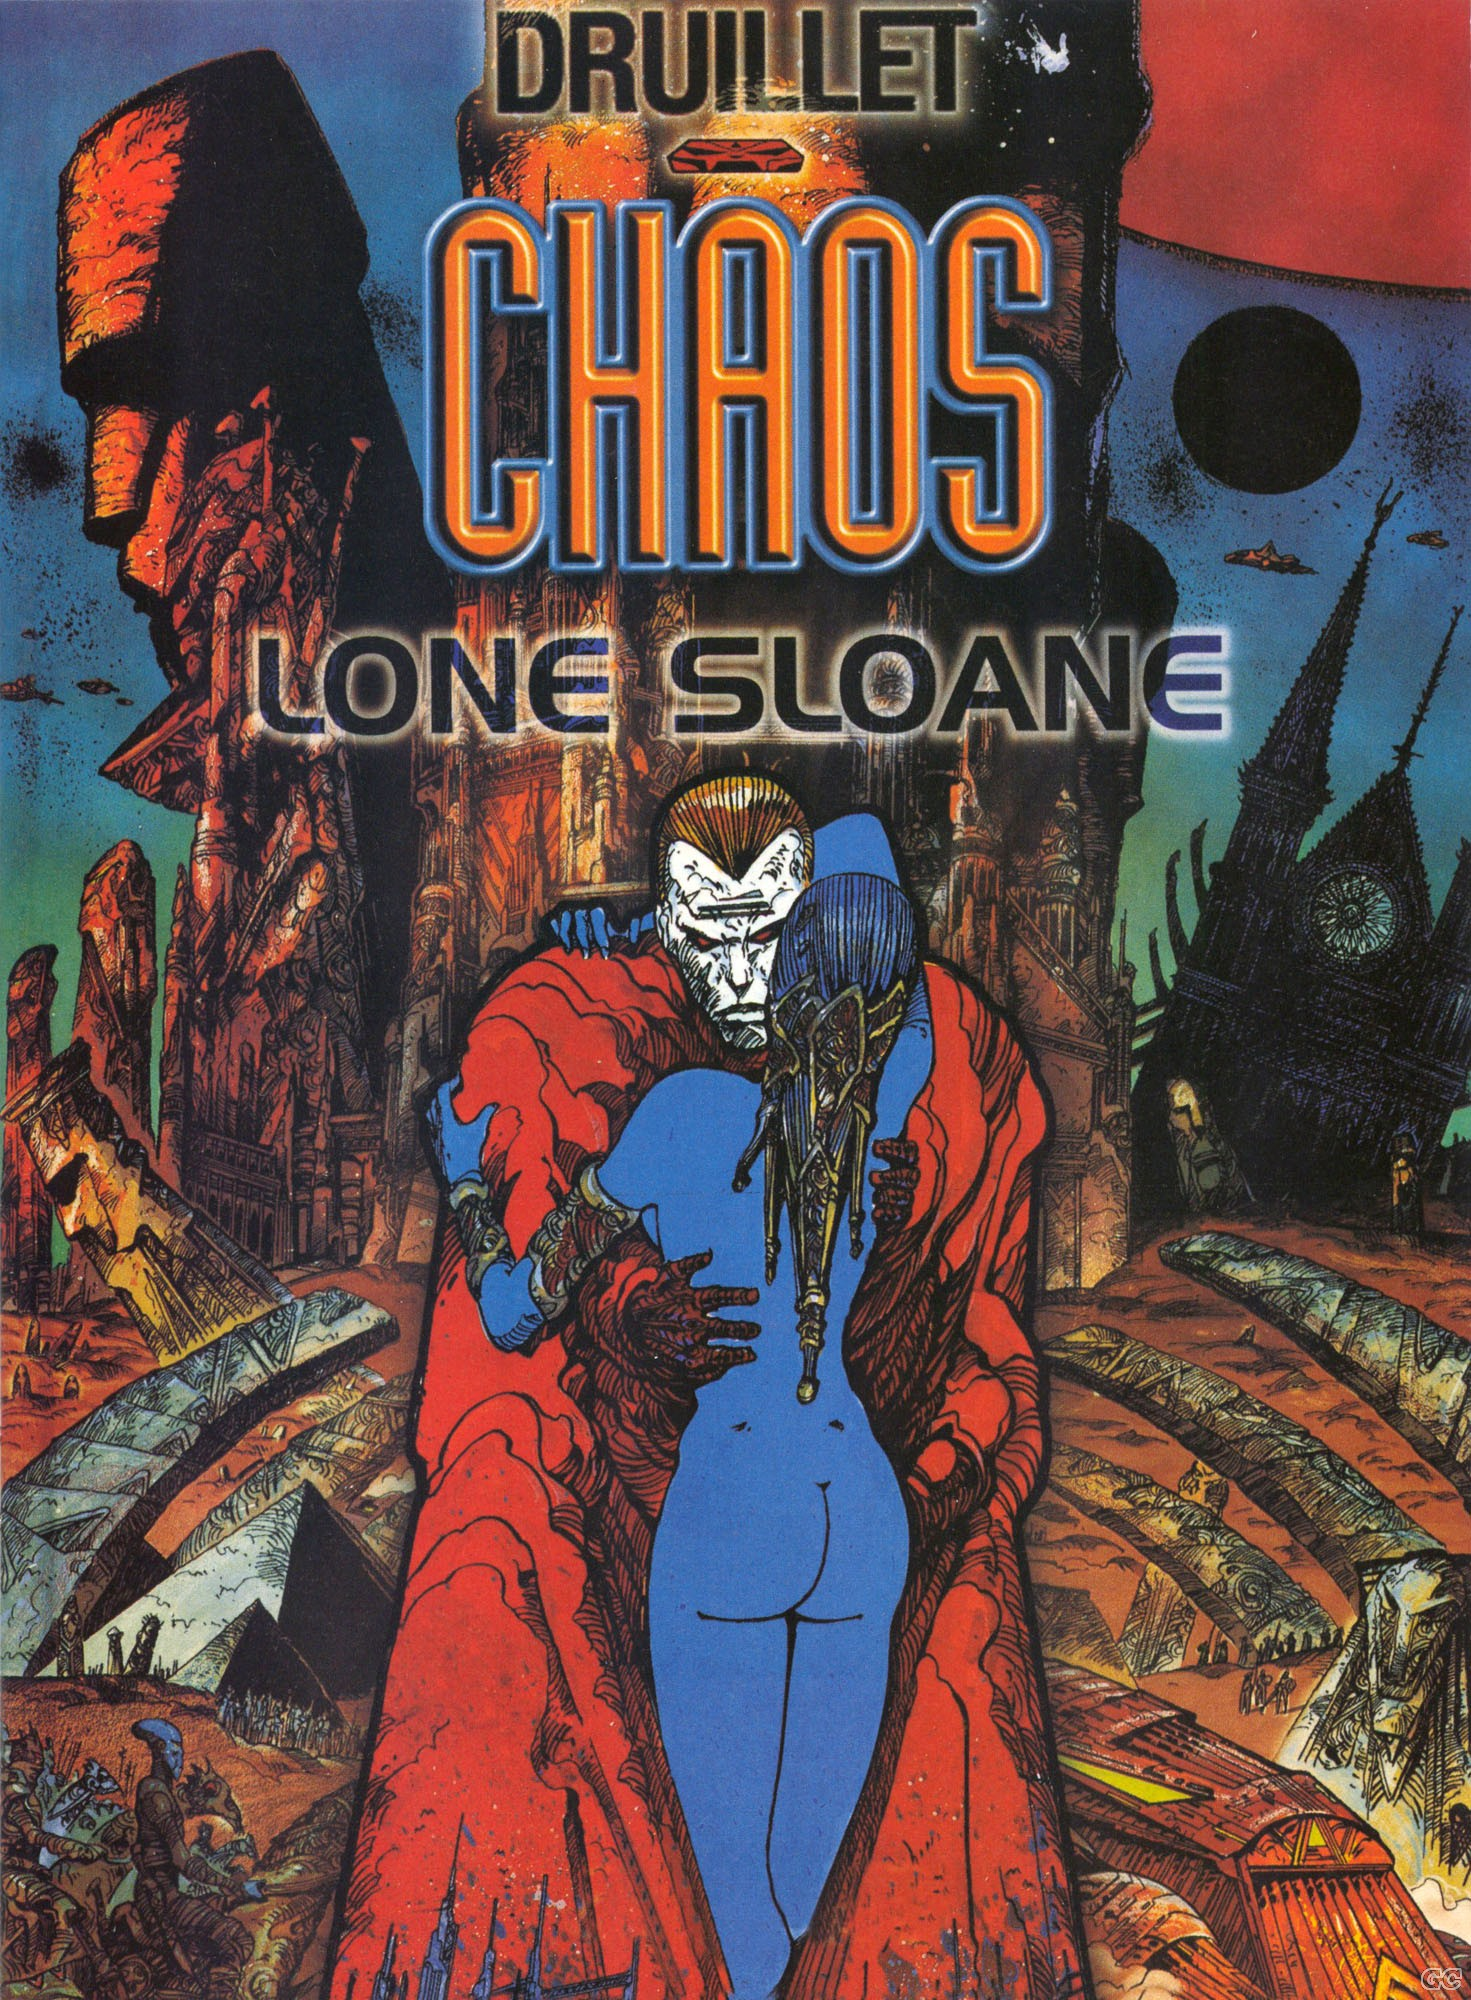 LONE SLOAN:CHAOS (PHILIPPE DRUILLET)